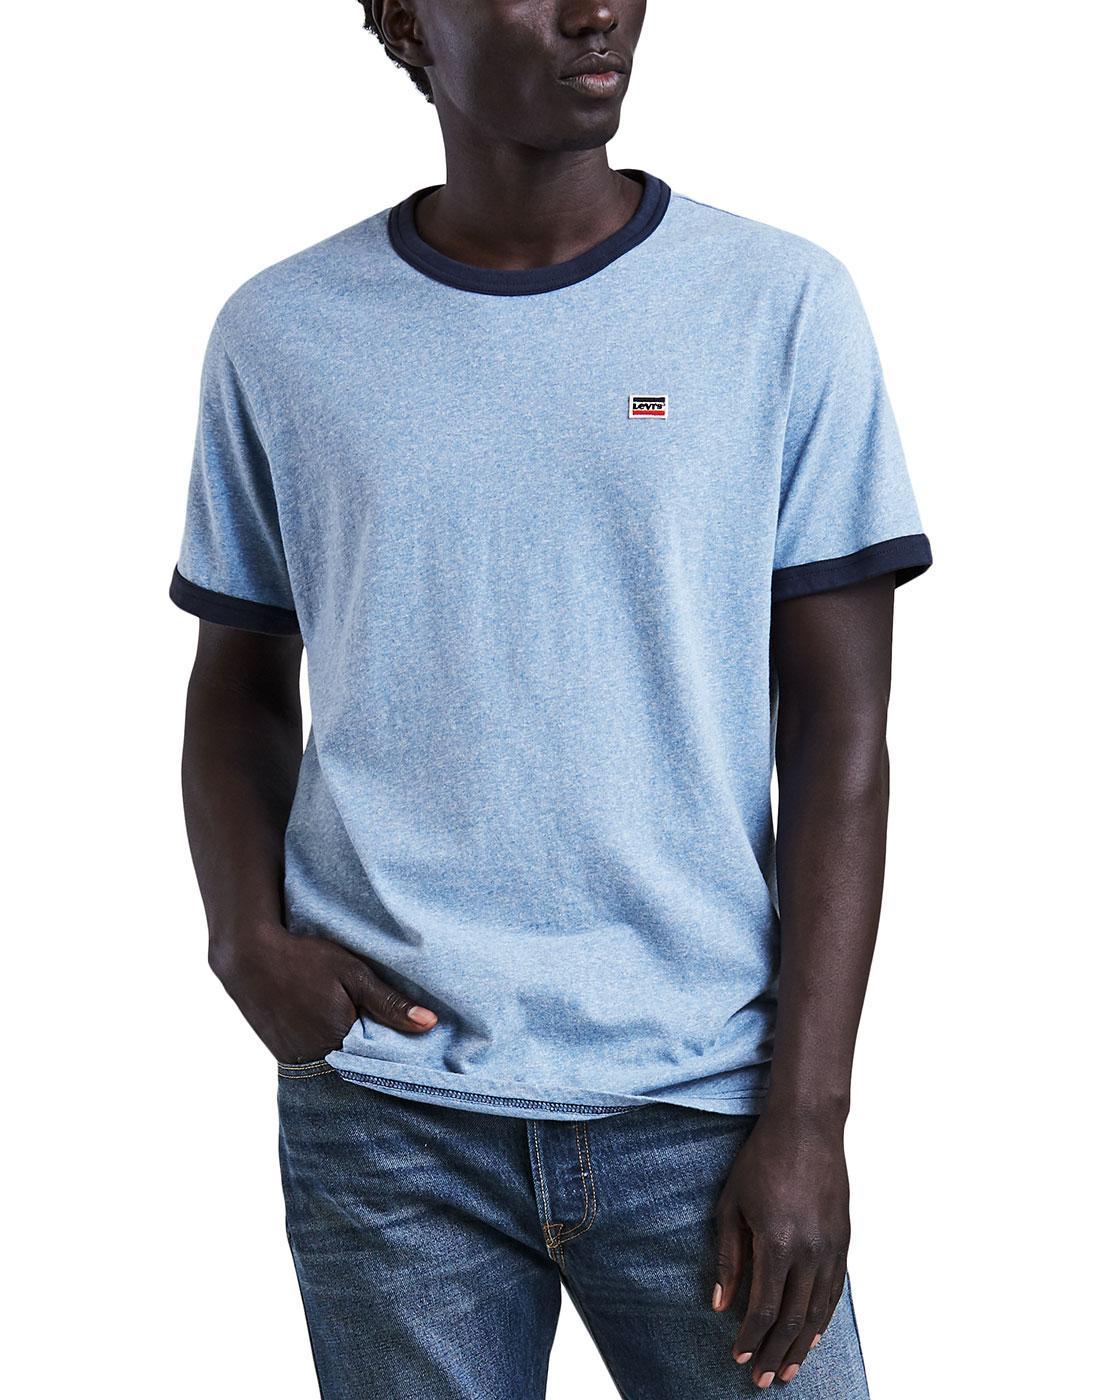 Bernel LEVI'S Retro Indie Ringer T-shirt ALLURE